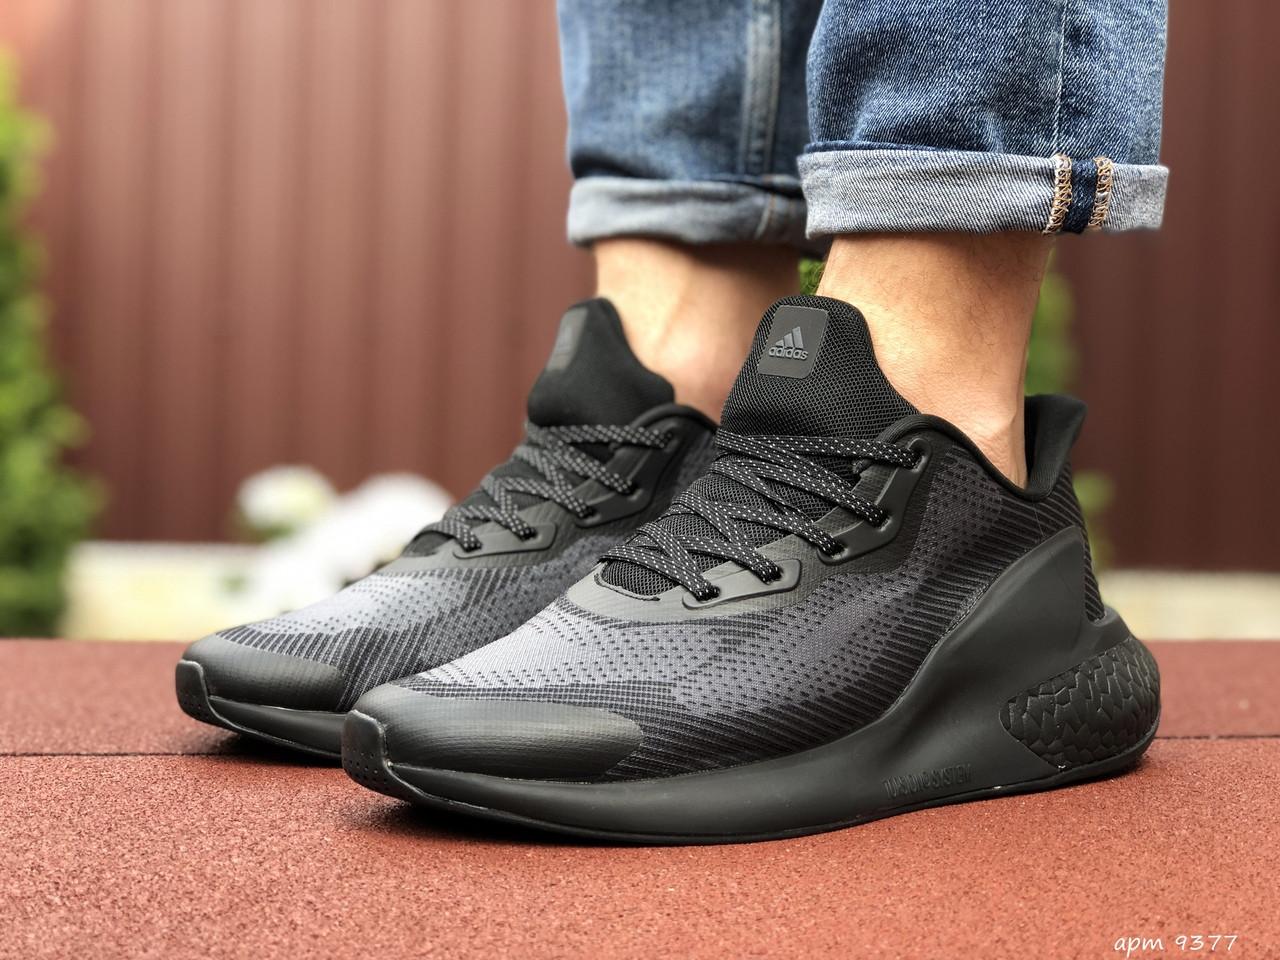 Чоловічі кросівки Adidas Alphaboost (чорні) 9377